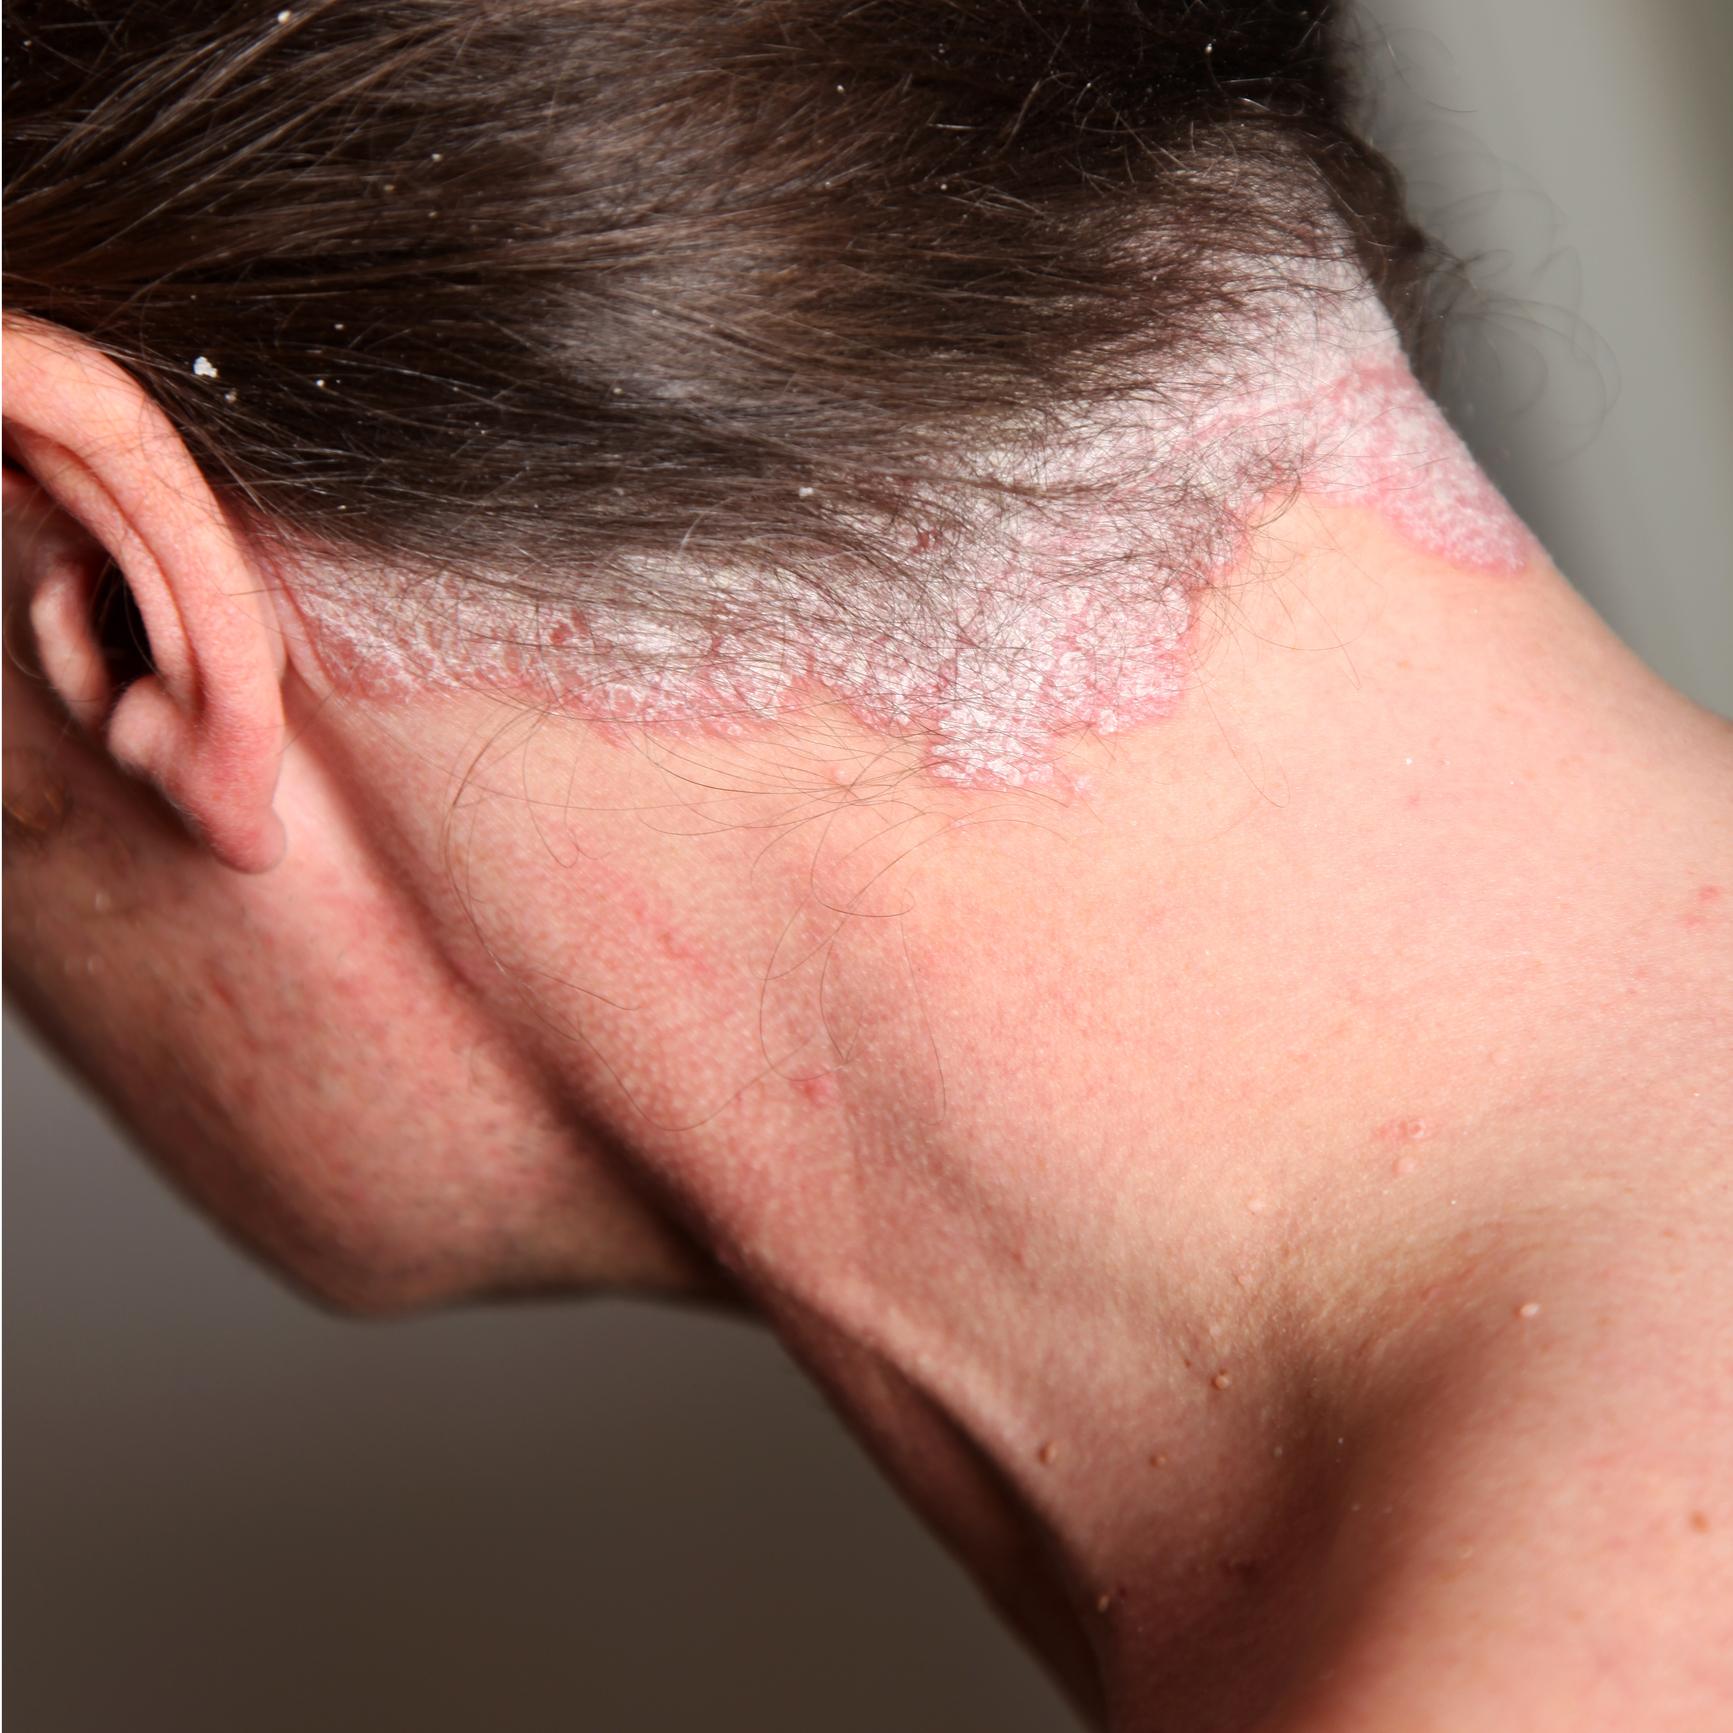 hogyan lehet eltávolítani egy vörös foltot az arcán pikkelysömör kezelése piócákkal fotók előtt és után